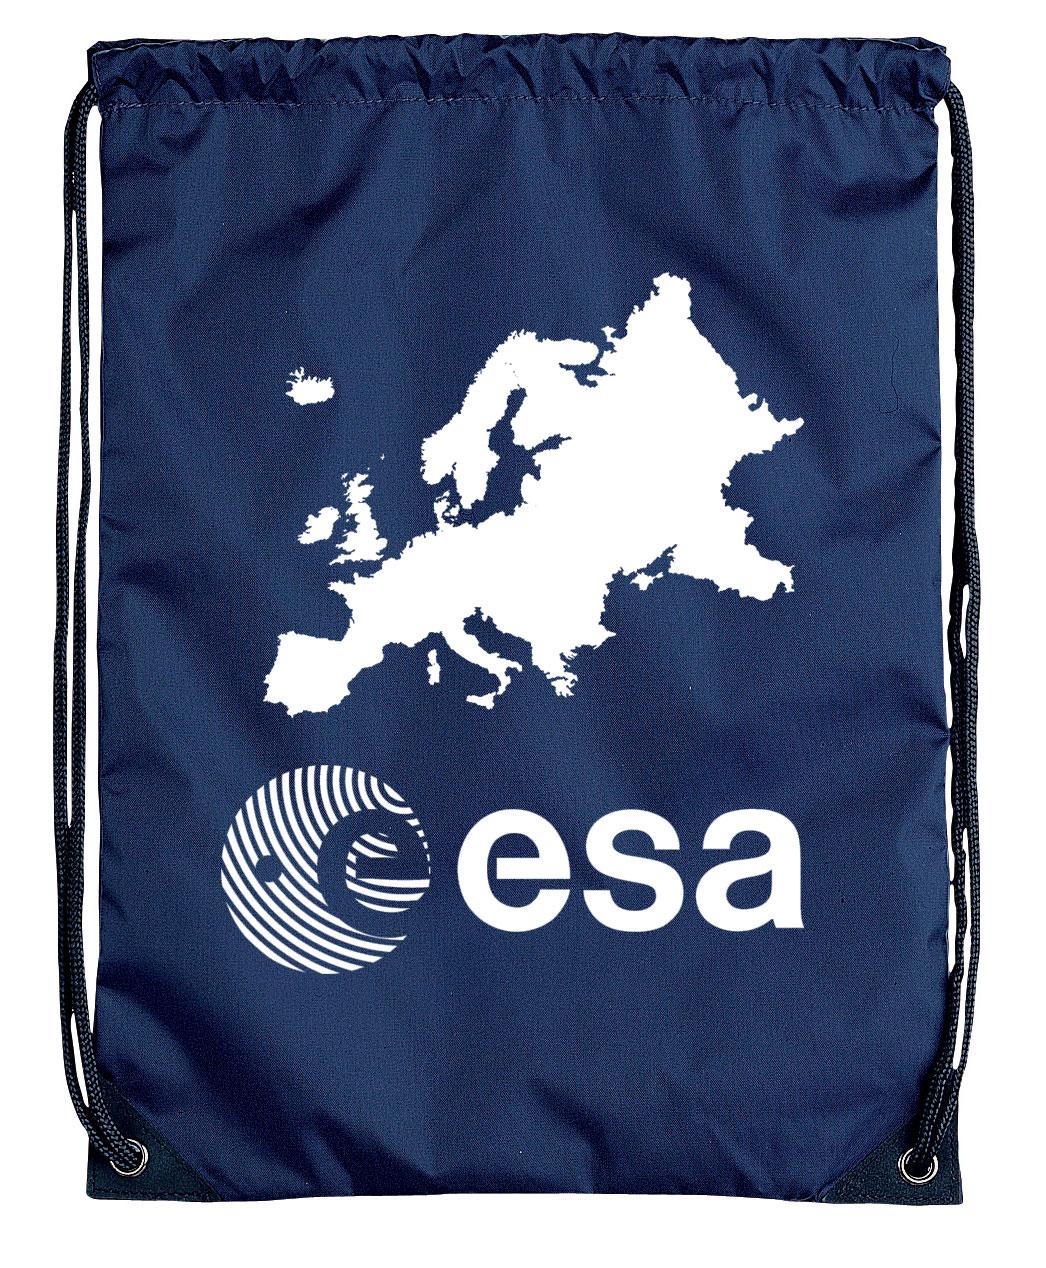 Promo Pegasus Drawstring Bag